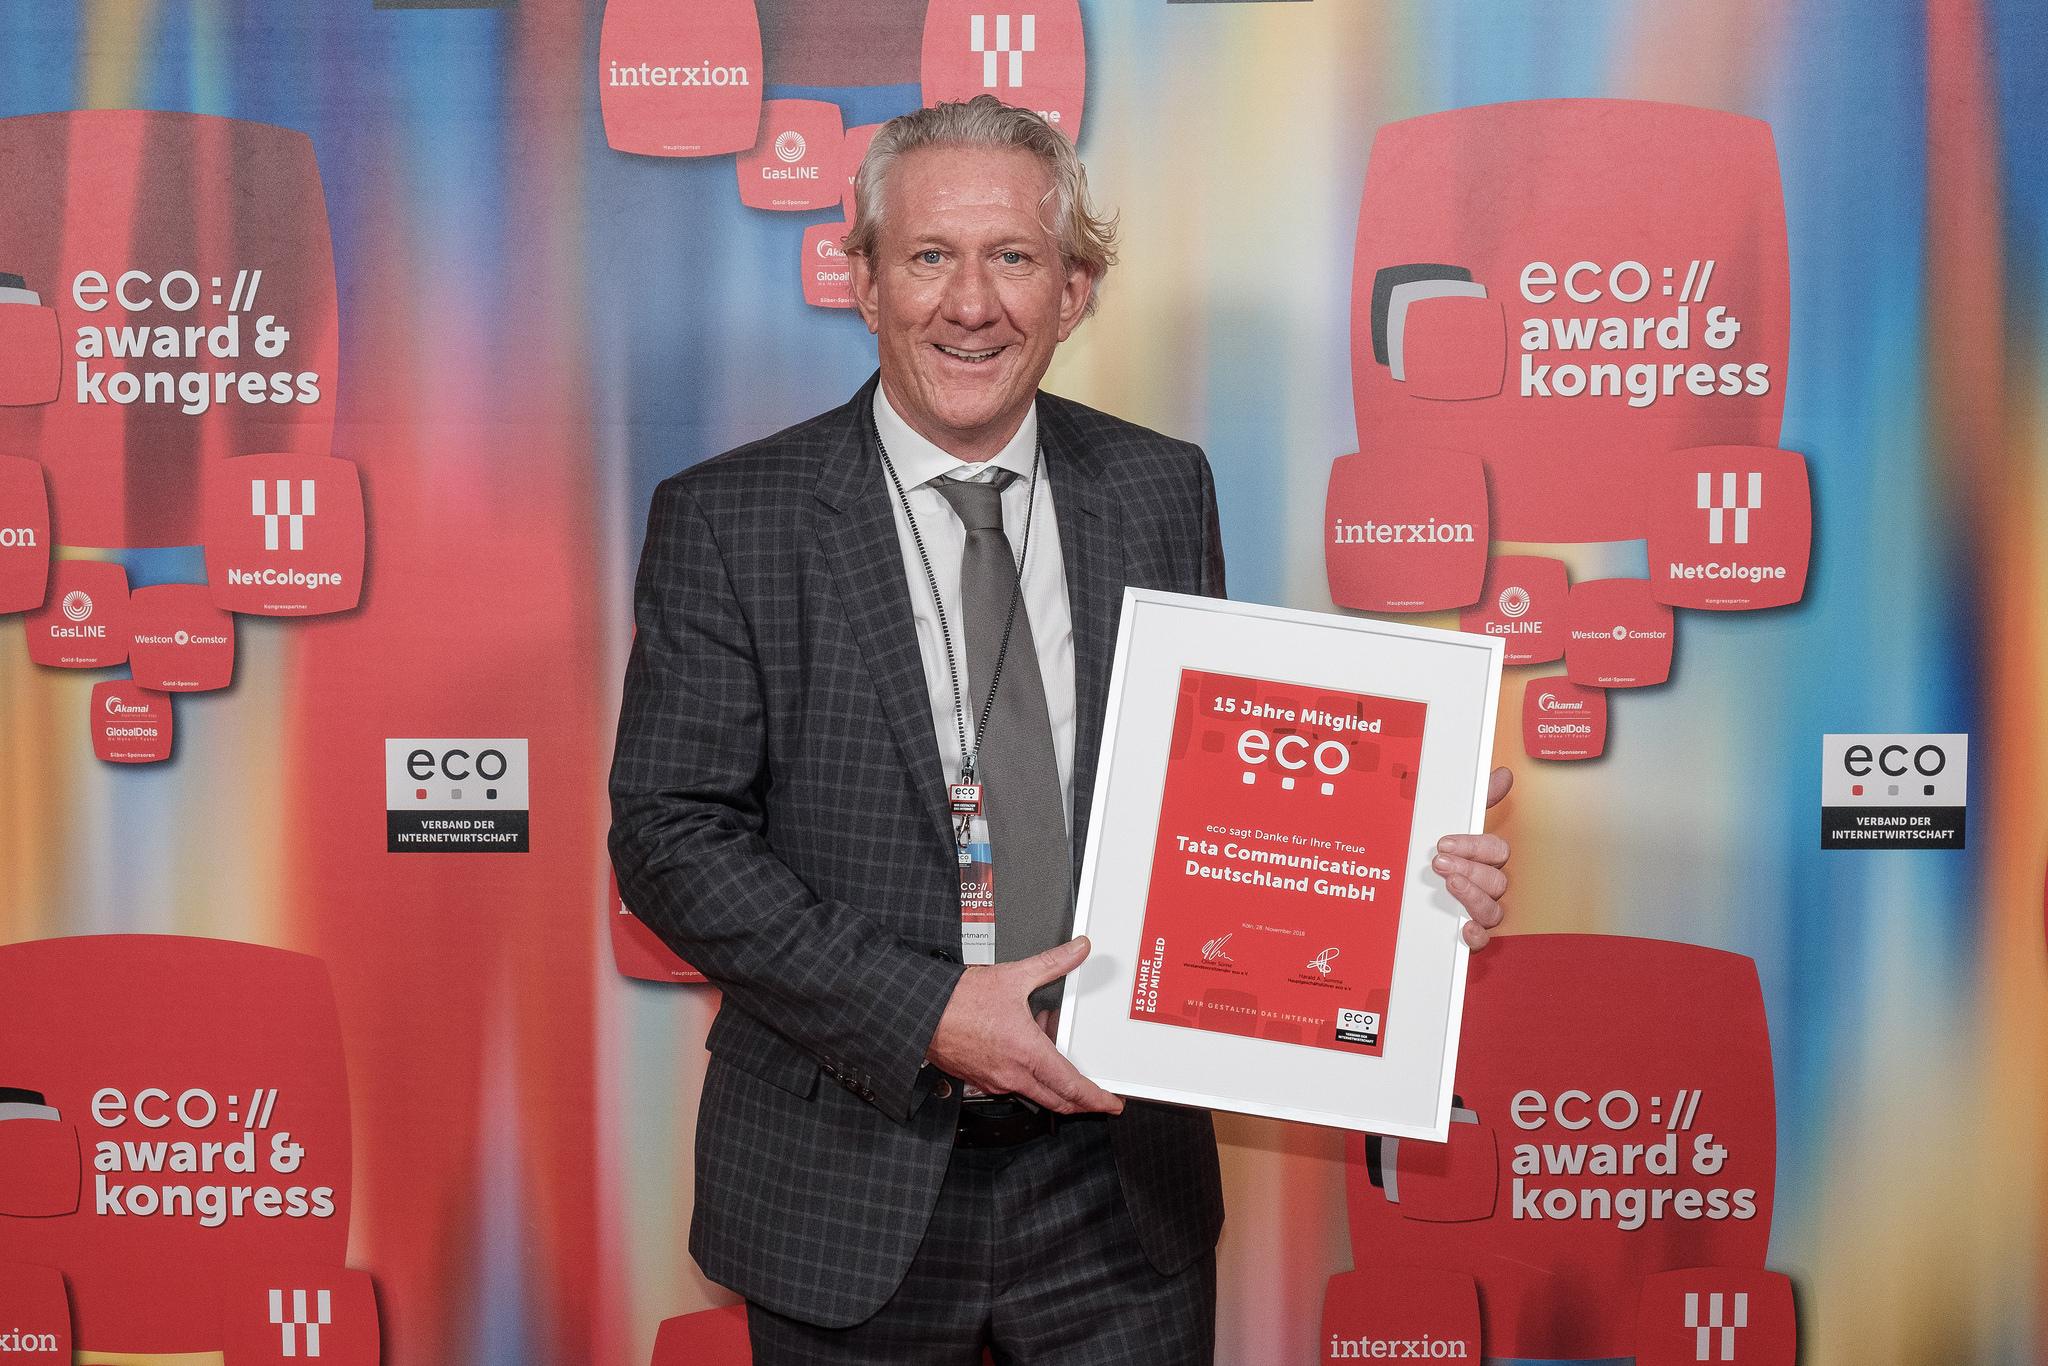 eco://kongress & eco:awards: Gemeinsam die digitale Zukunft gestalten 27